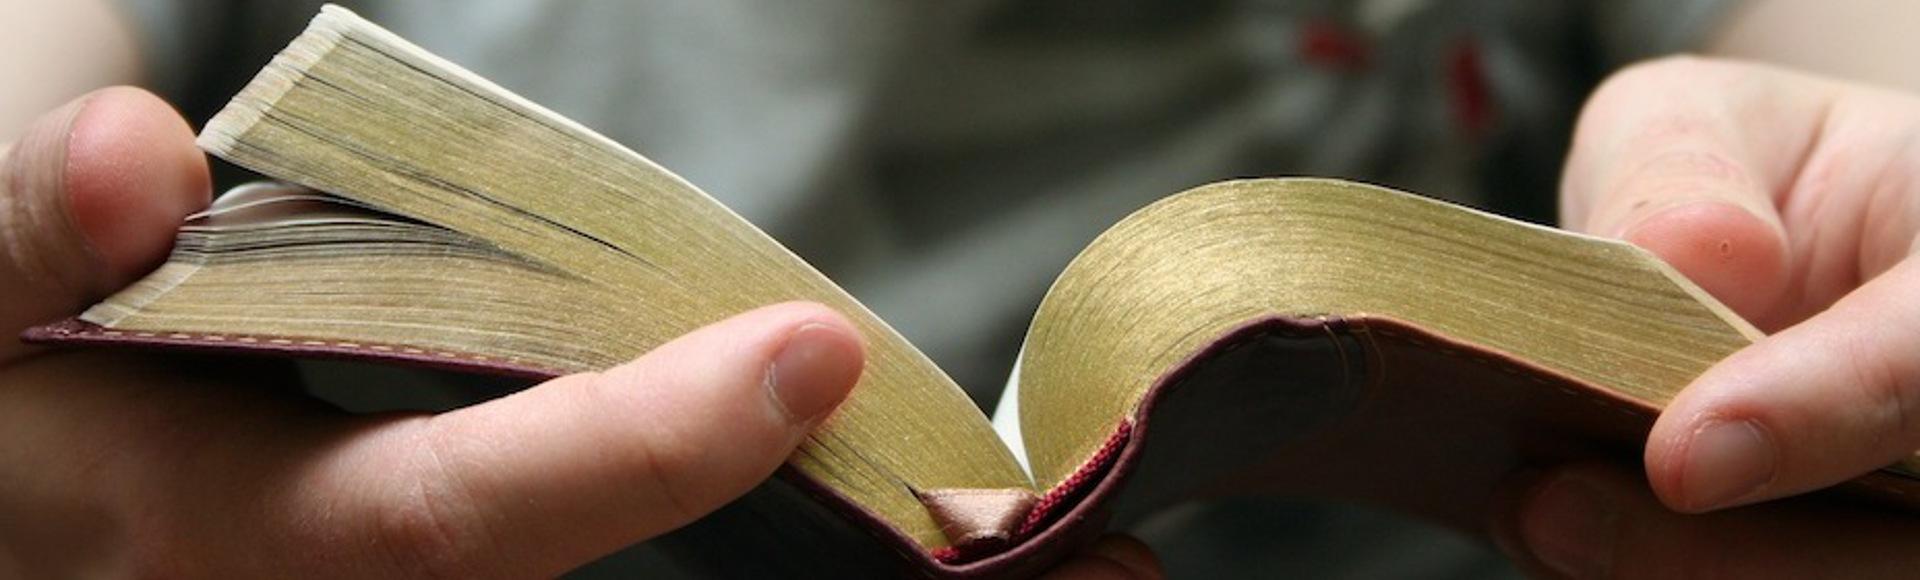 Vill du läsa Bibeln?